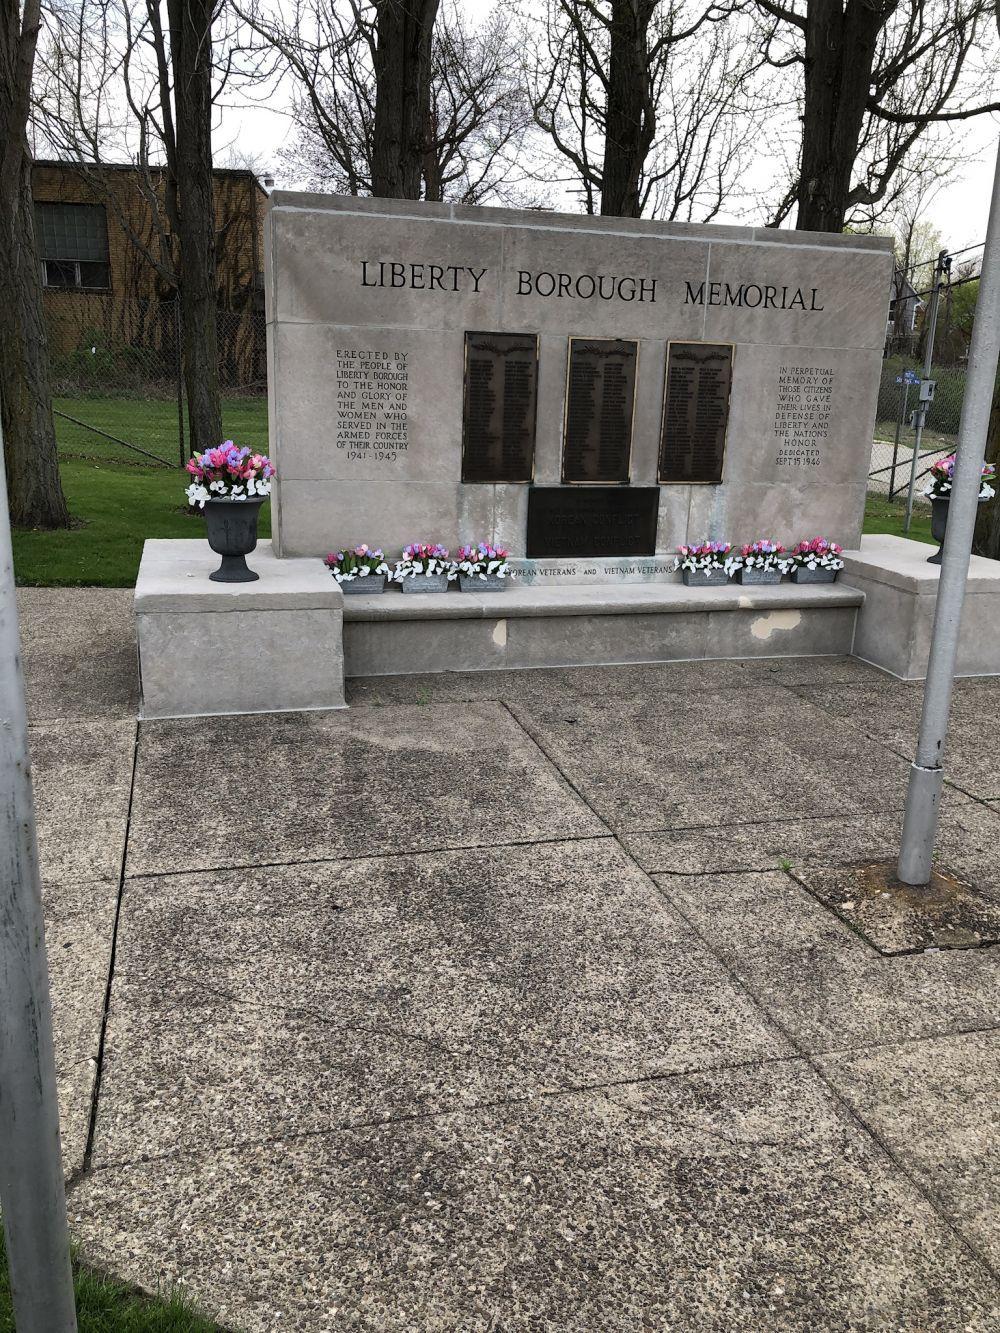 Liberty Borough Memorial